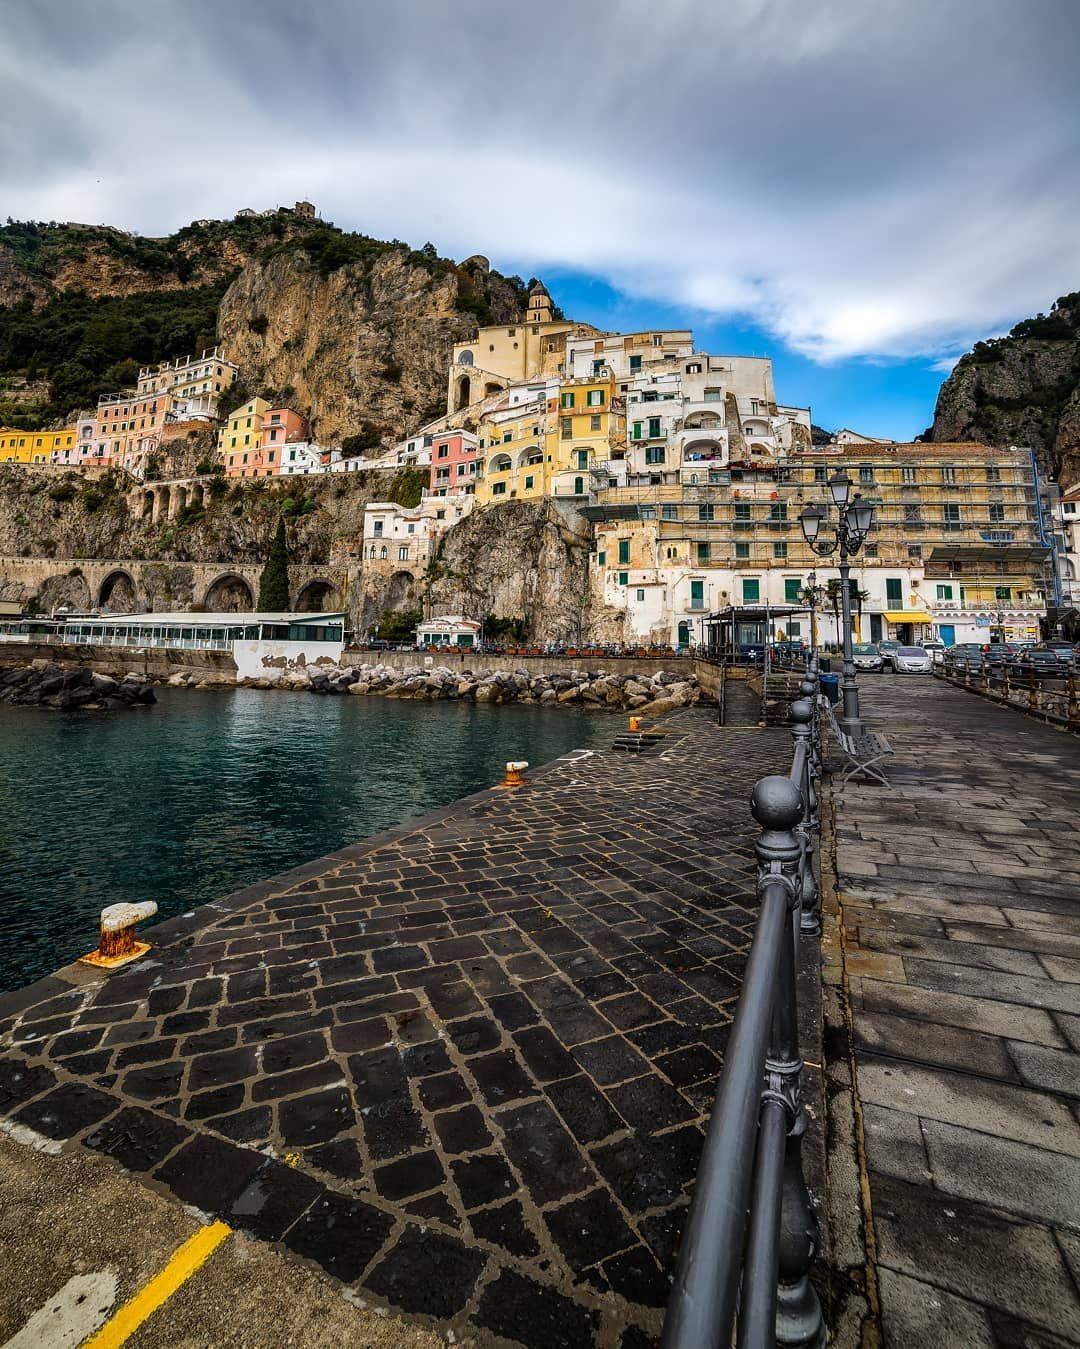 In provincia di Salerno, Amalfi è uno dei paesi campani ...